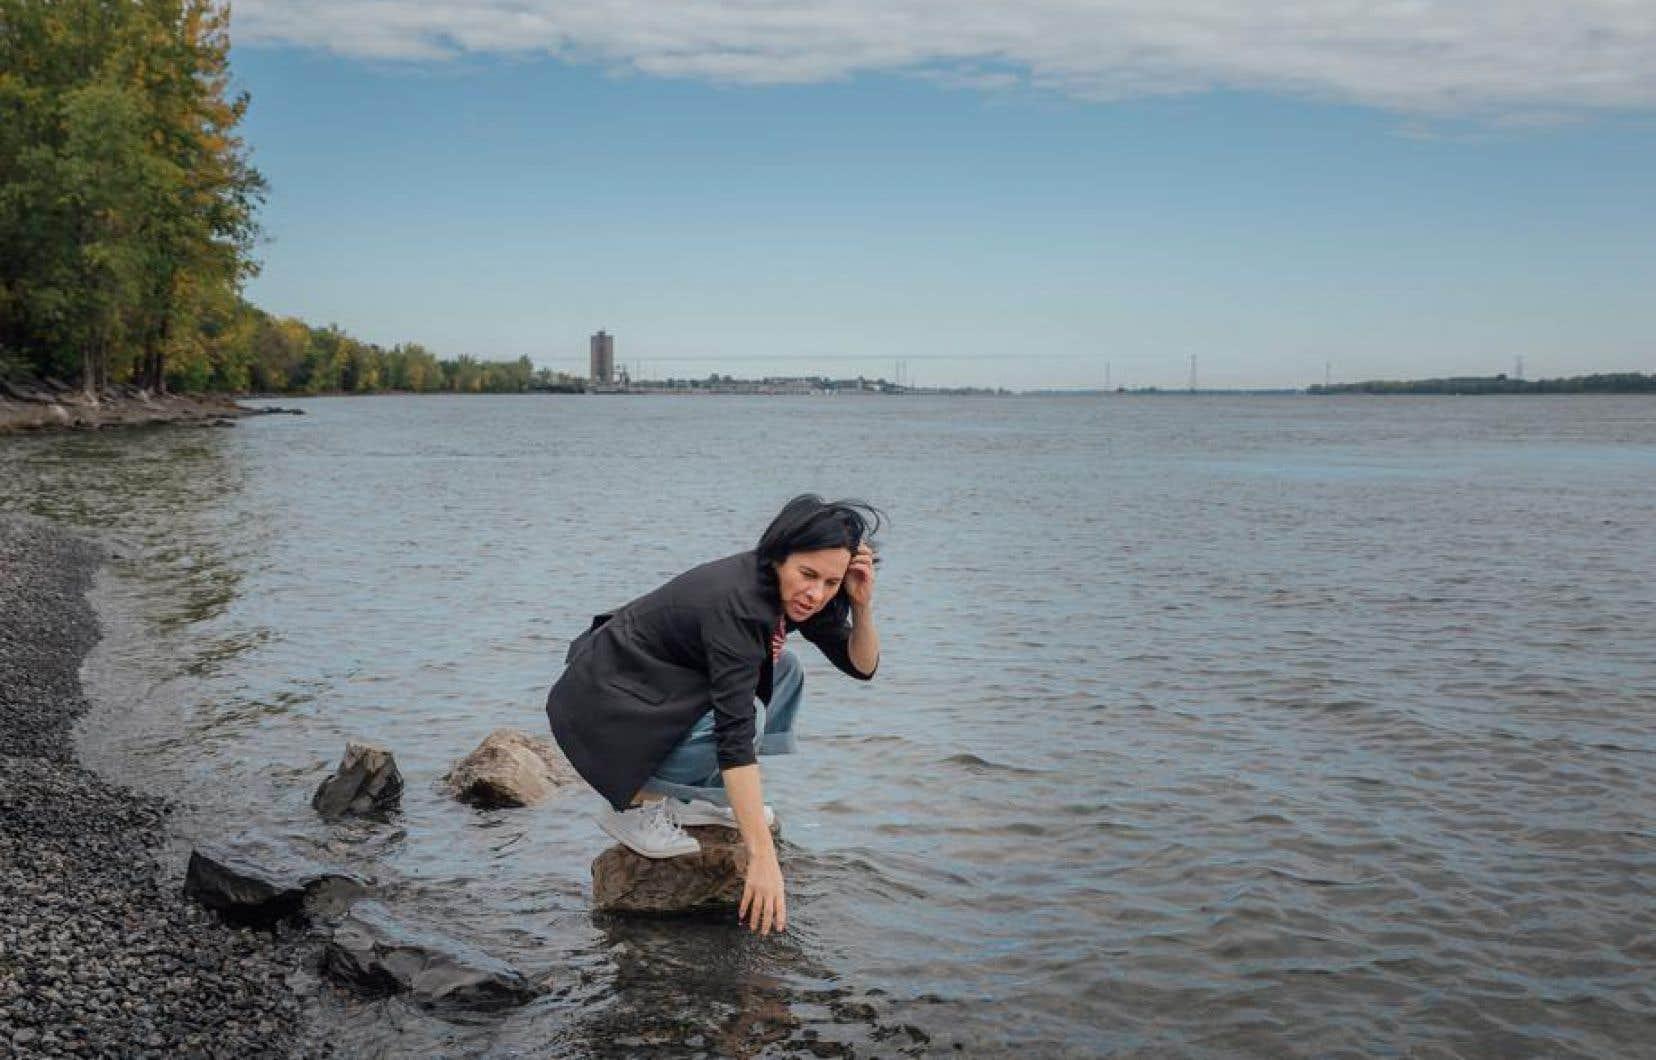 La cheffe de Projet Montreal, Valerie Plante, lors d'une conference de presse sur l'élargissement de l'accès aux berges pour la baignade au parc de la Promenade-Bellerive.